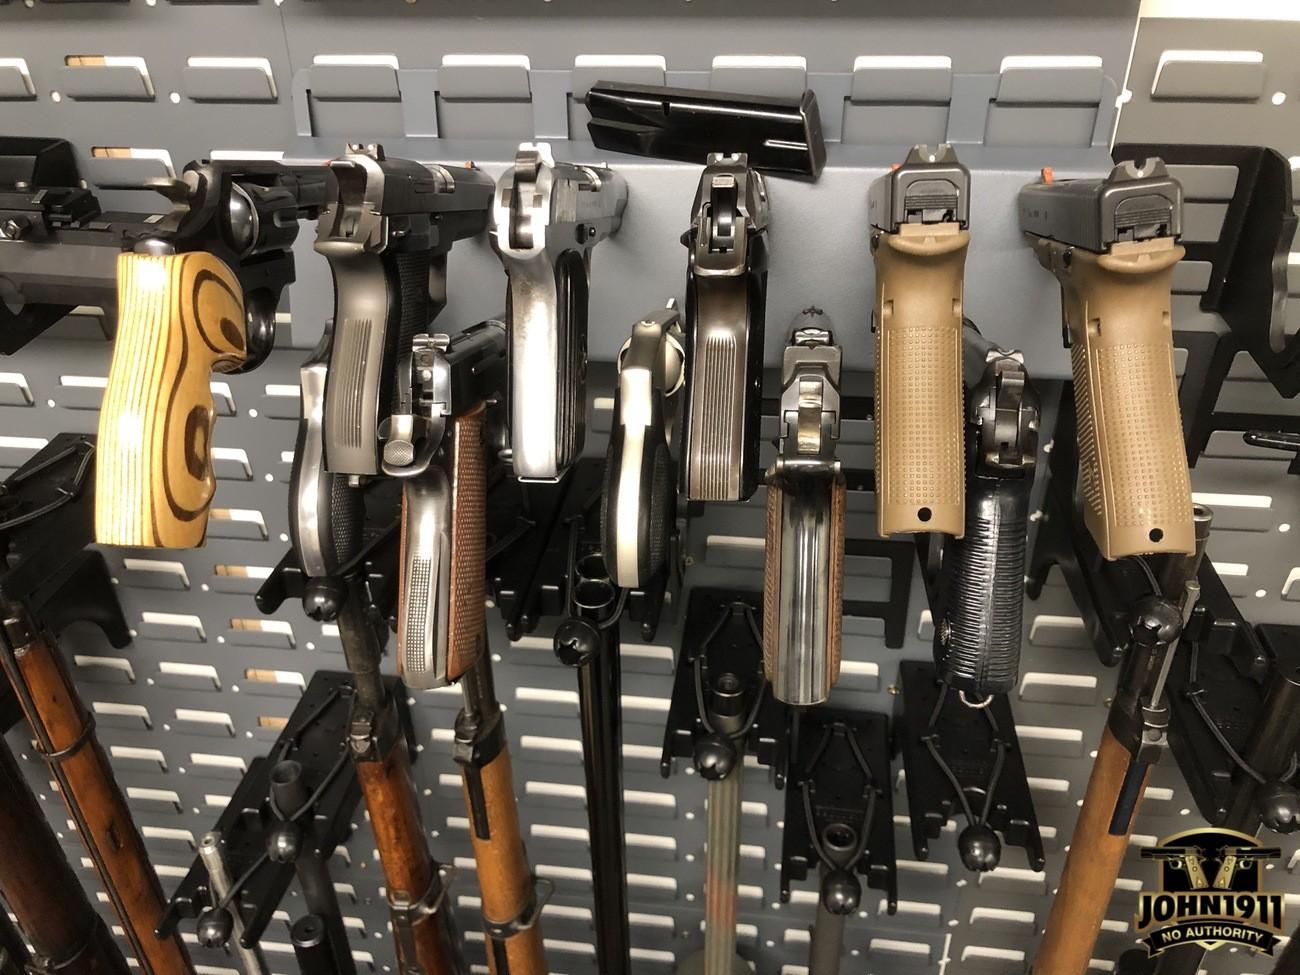 Secure It gun storage. High density pistol storage.